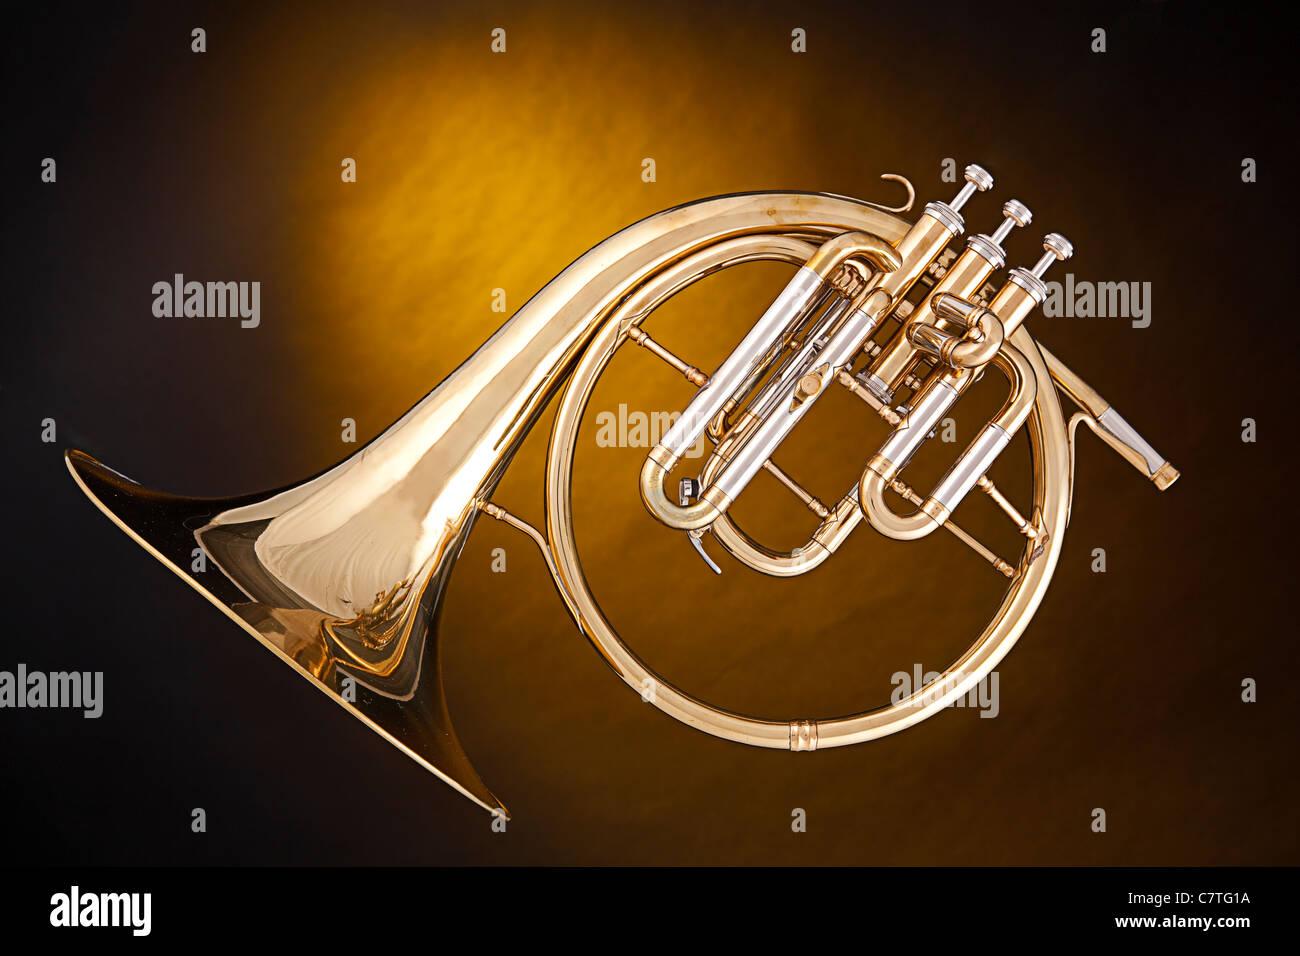 Un antico corno francese o peckhorn isolata contro un faretto sfondo giallo  con copia spazio. 657e6d1eb232